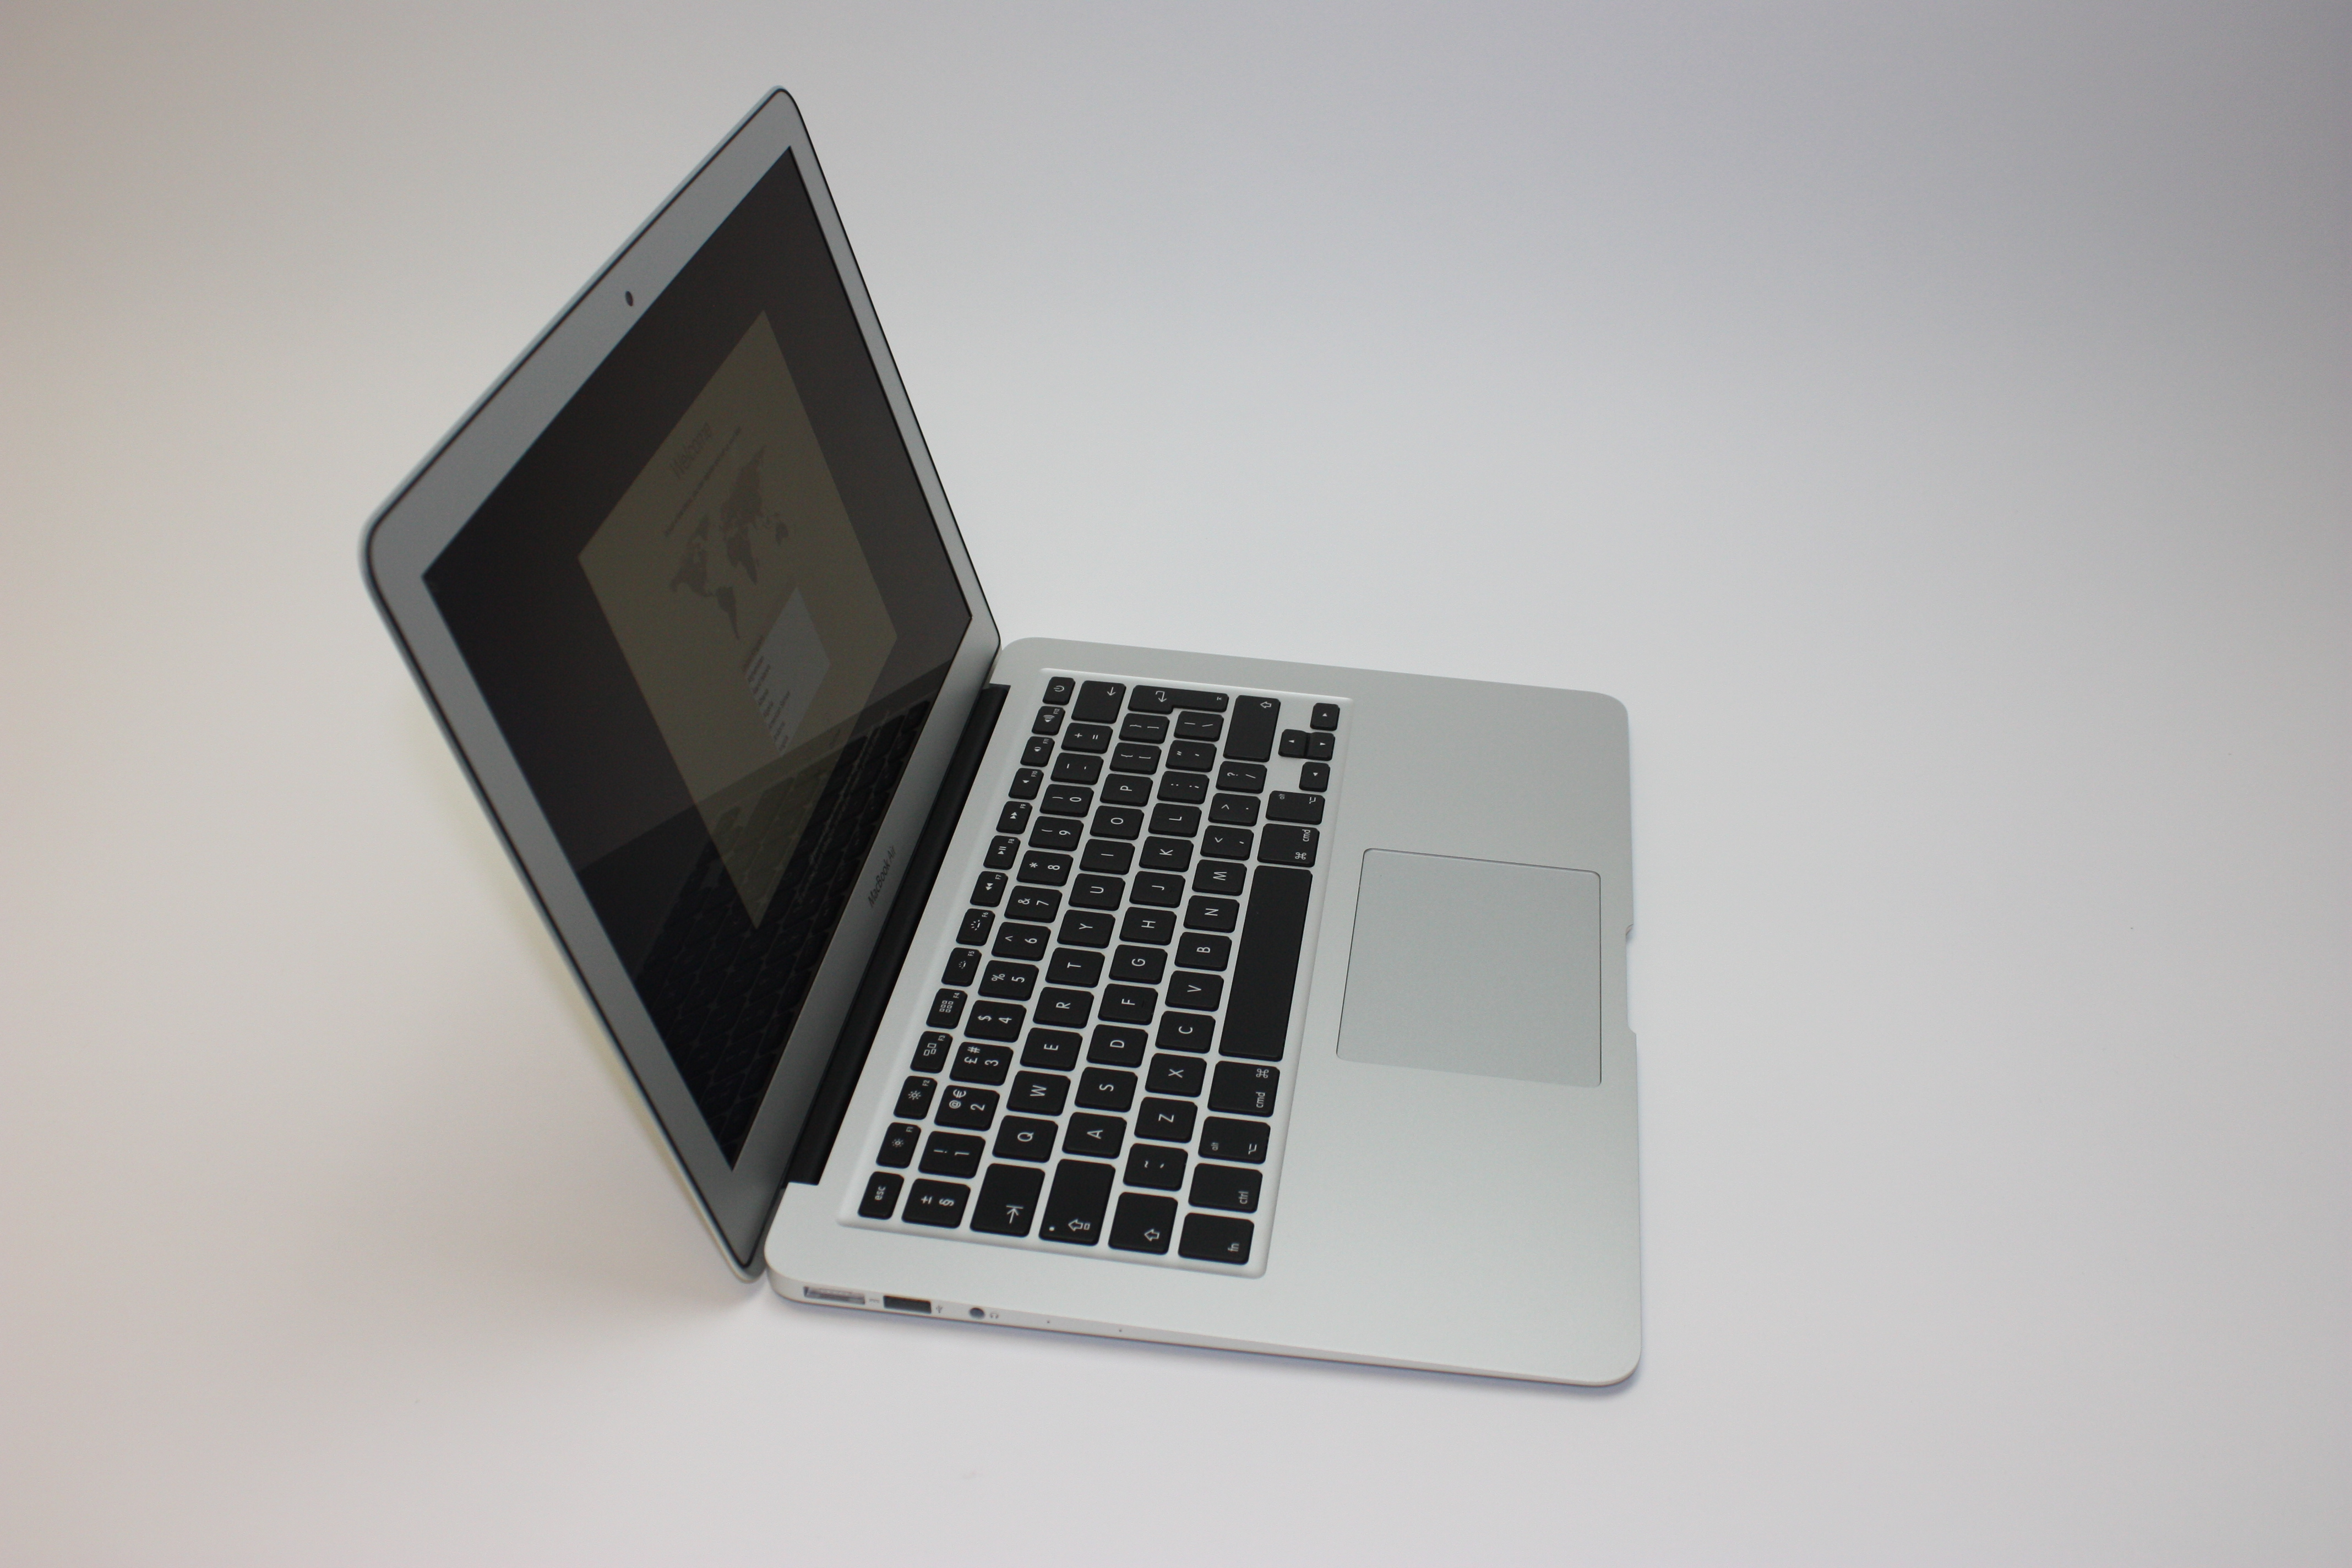 MacBook Air 13-inch, 1.6 GHz Core i5 (I5-5250U), 8 GB 1600 MHz DDR3, 128 GB Flash Storage, image 3